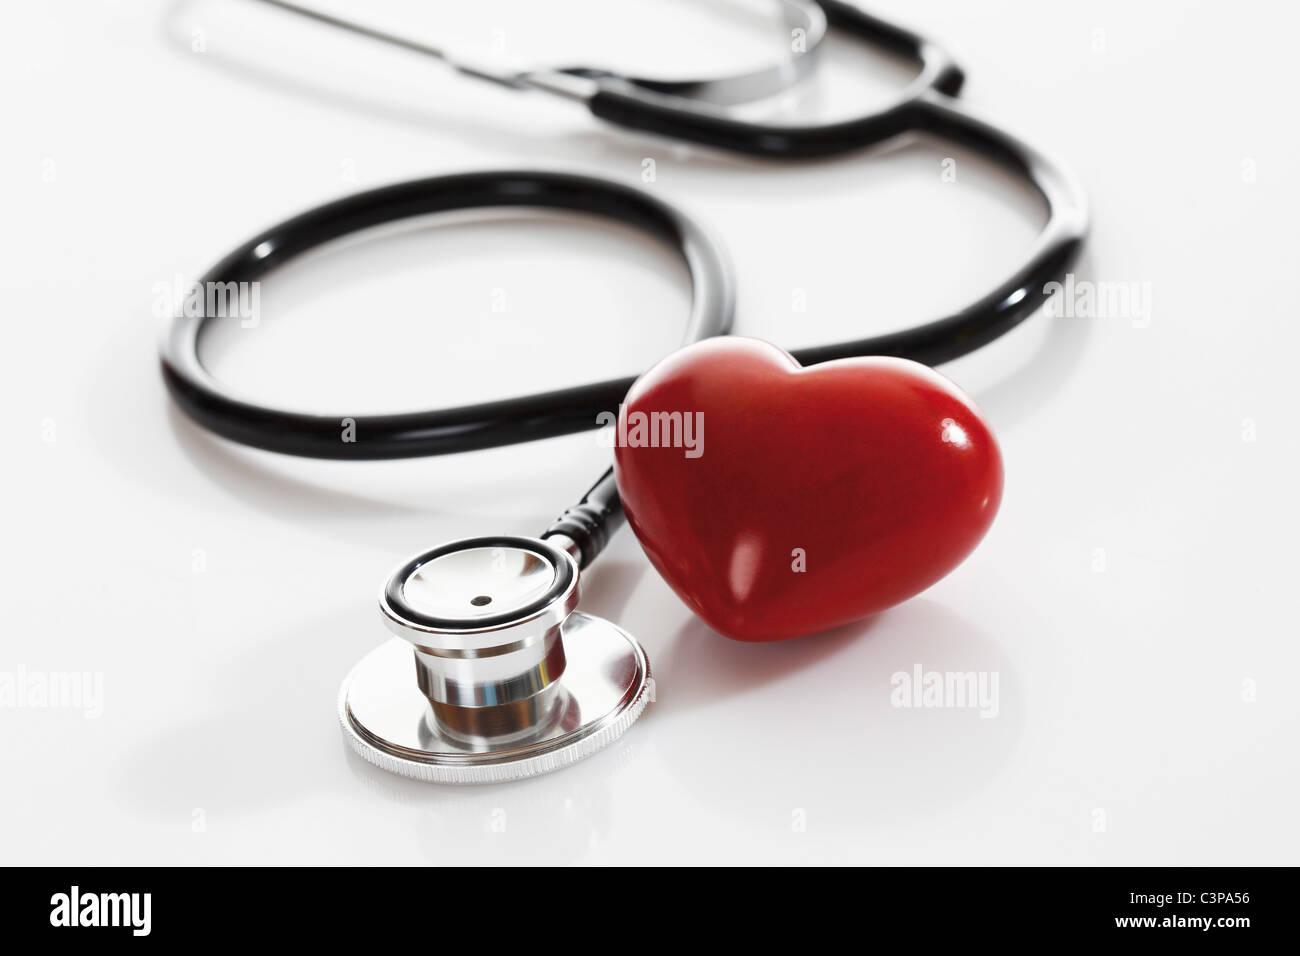 Uno stetoscopio con forma di cuore oggetto su sfondo bianco, close up Immagini Stock